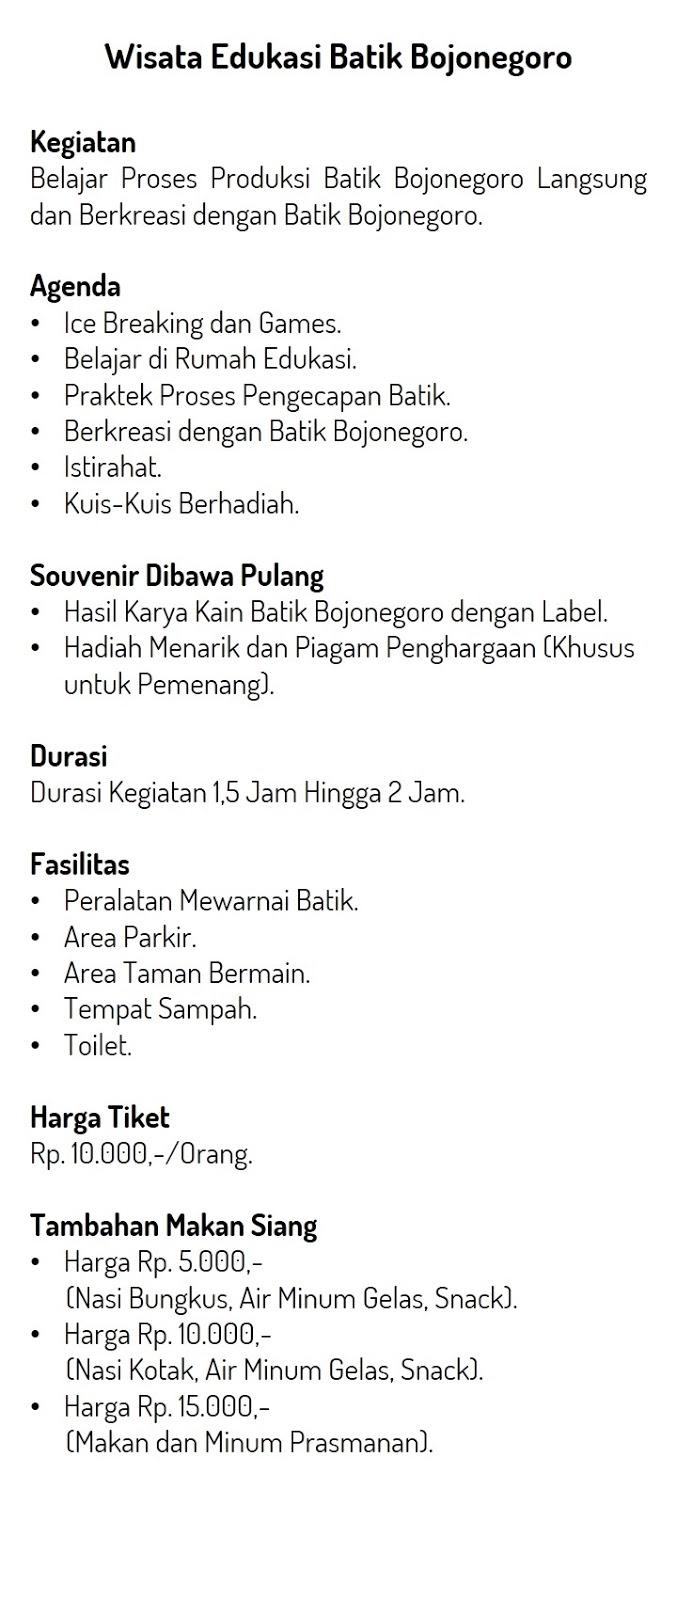 Wisata Edukasi Batik Bojonegoro Wisata Desa Ringintunggal